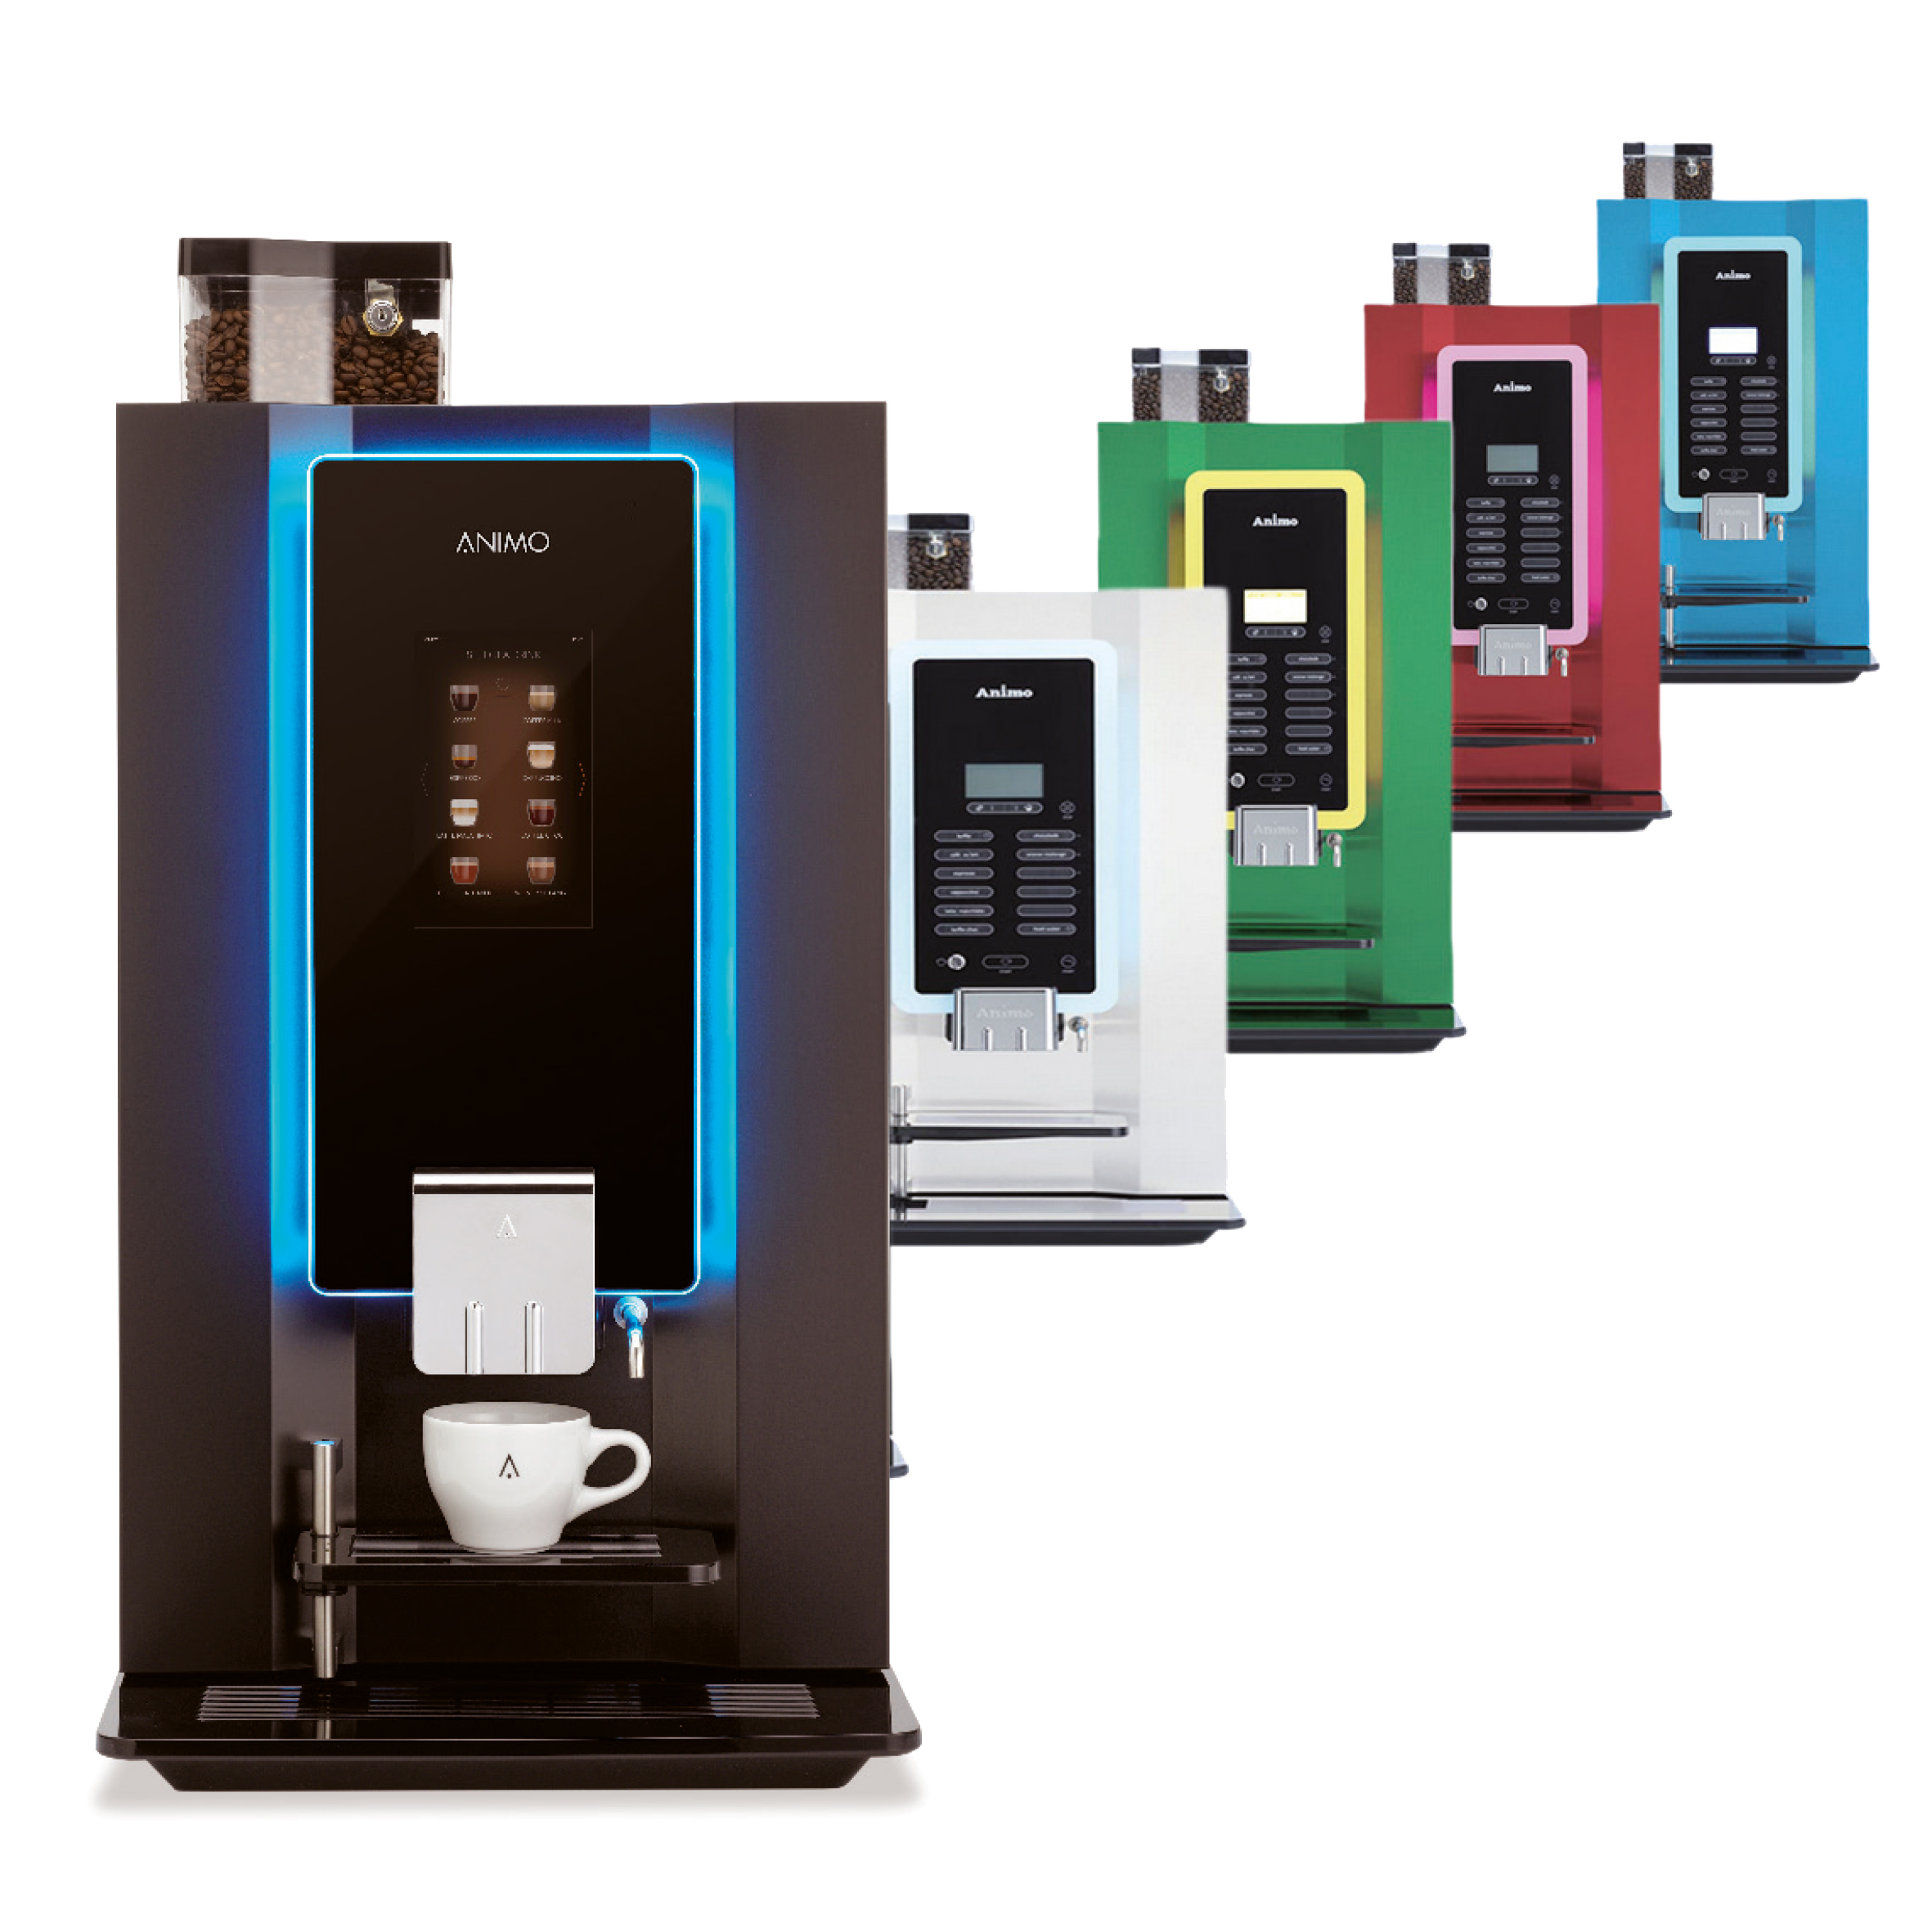 CoffeeJack_Steel_CoffeeJack_Steel_Touch